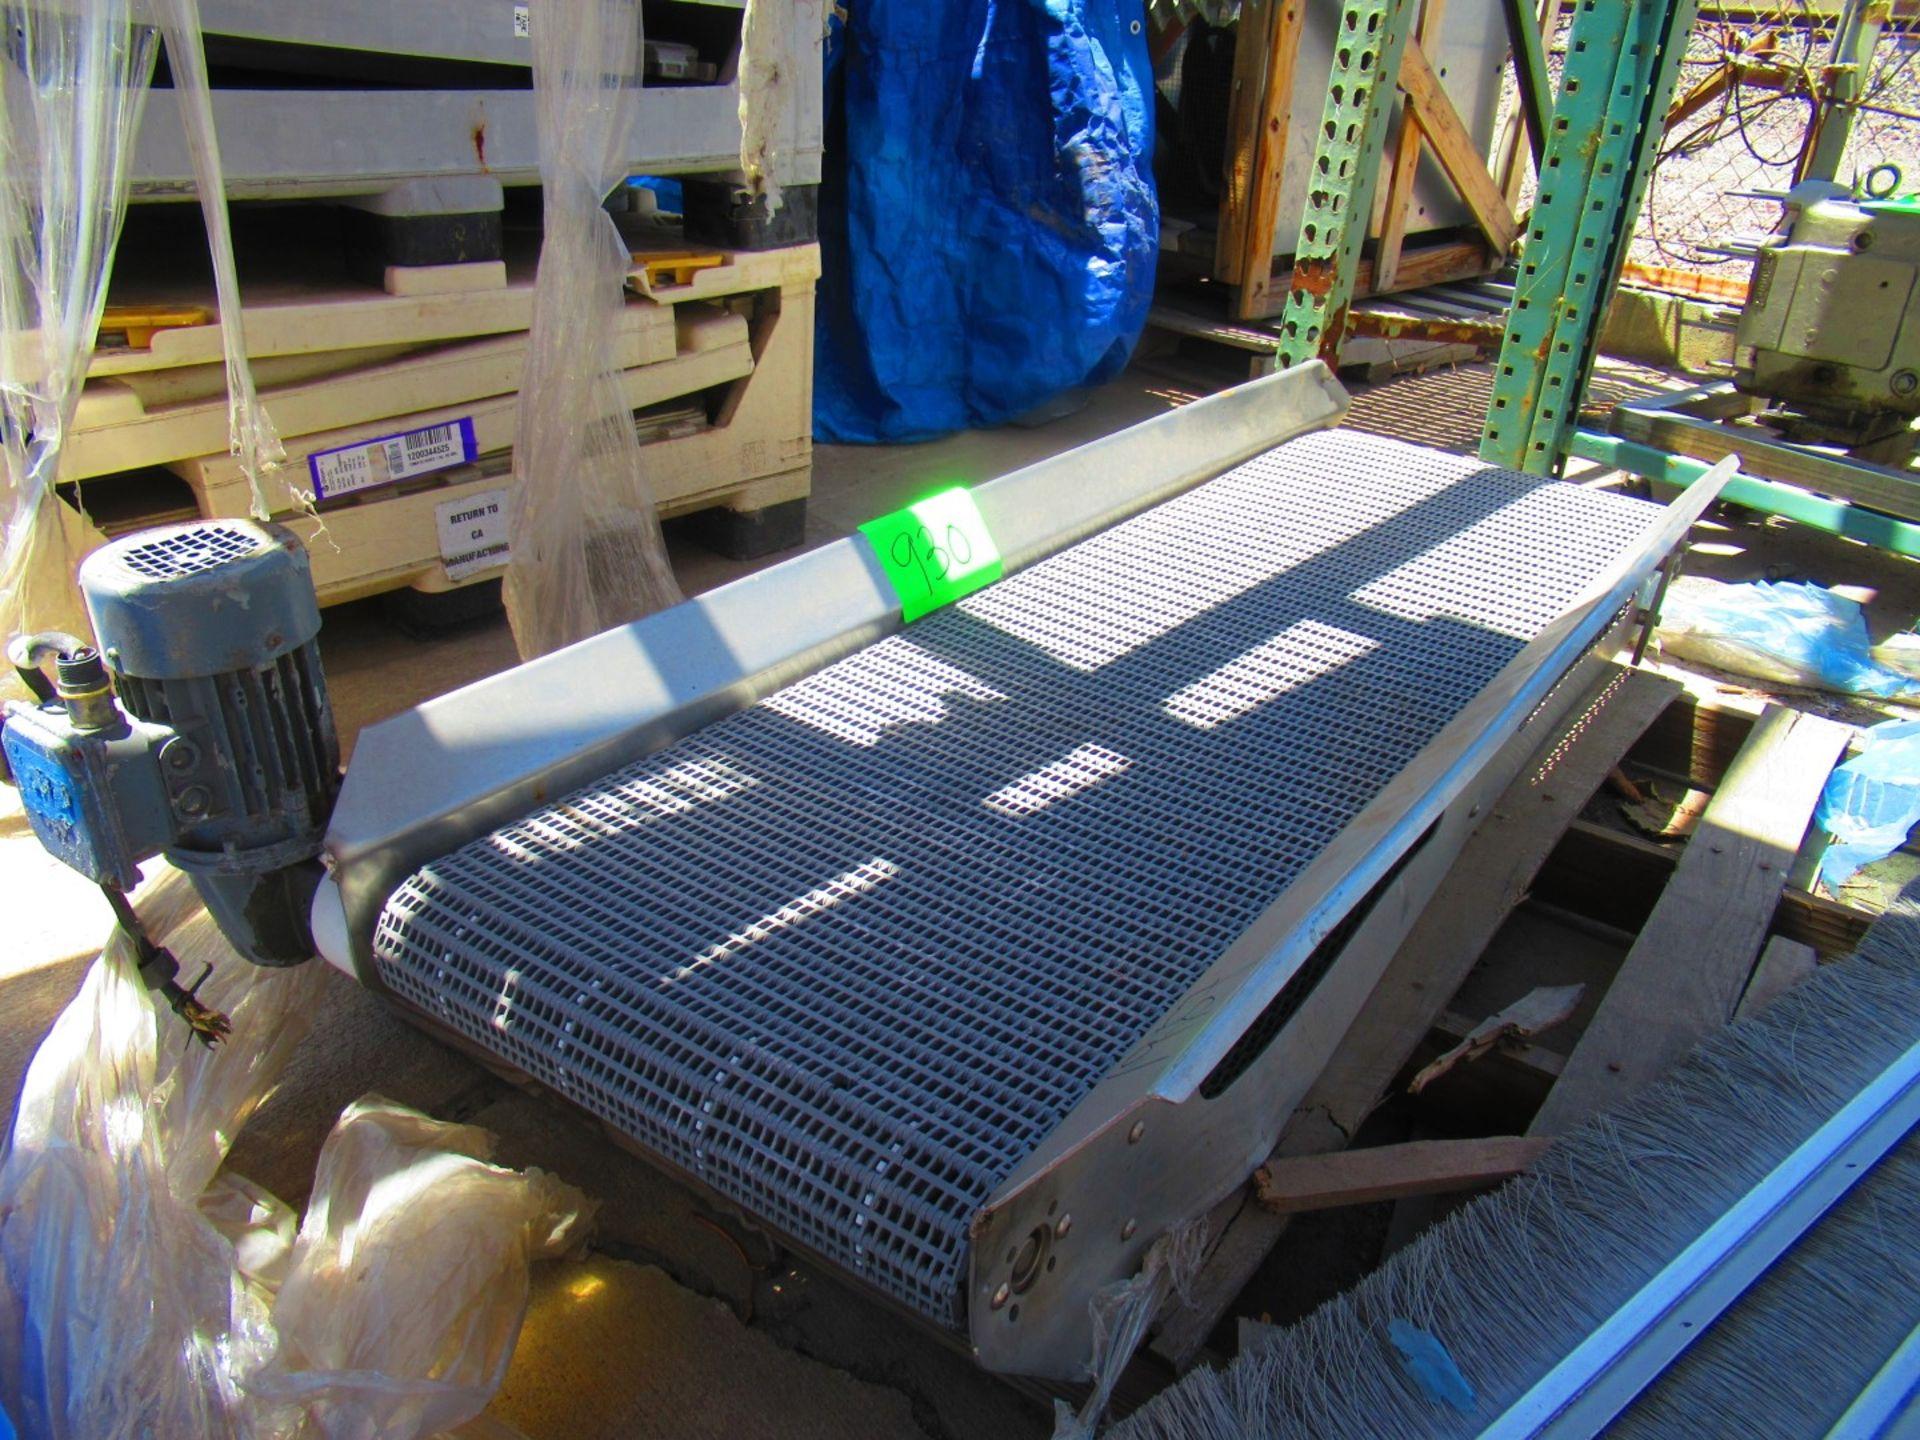 Conveyor - Image 2 of 2